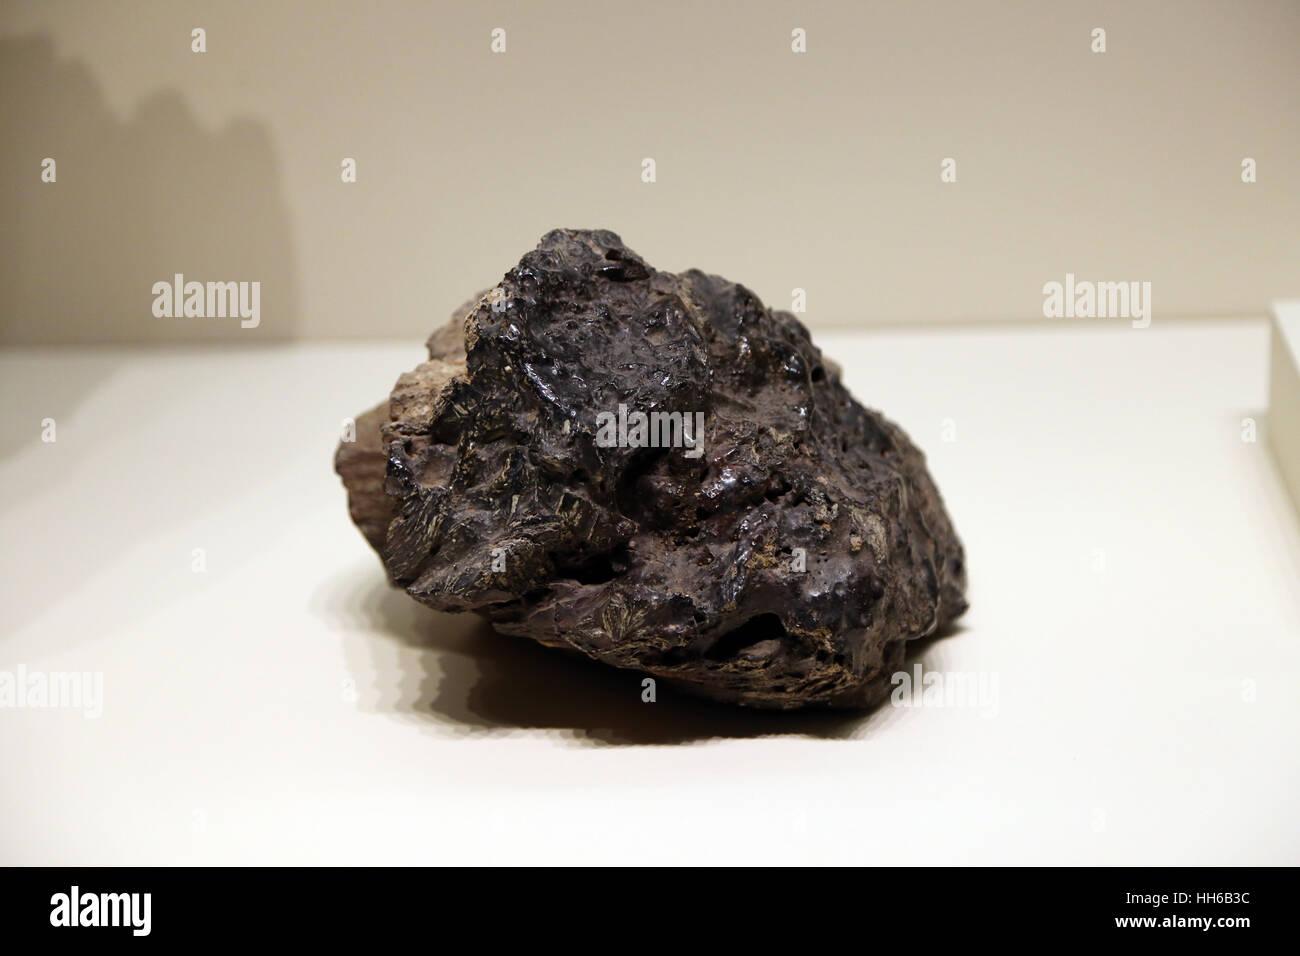 La Hispania Romana. La minería. Escoria. El plomo. 1ª-3ª siglo. Carthago Nova, Cartagena, Murcia, Imagen De Stock